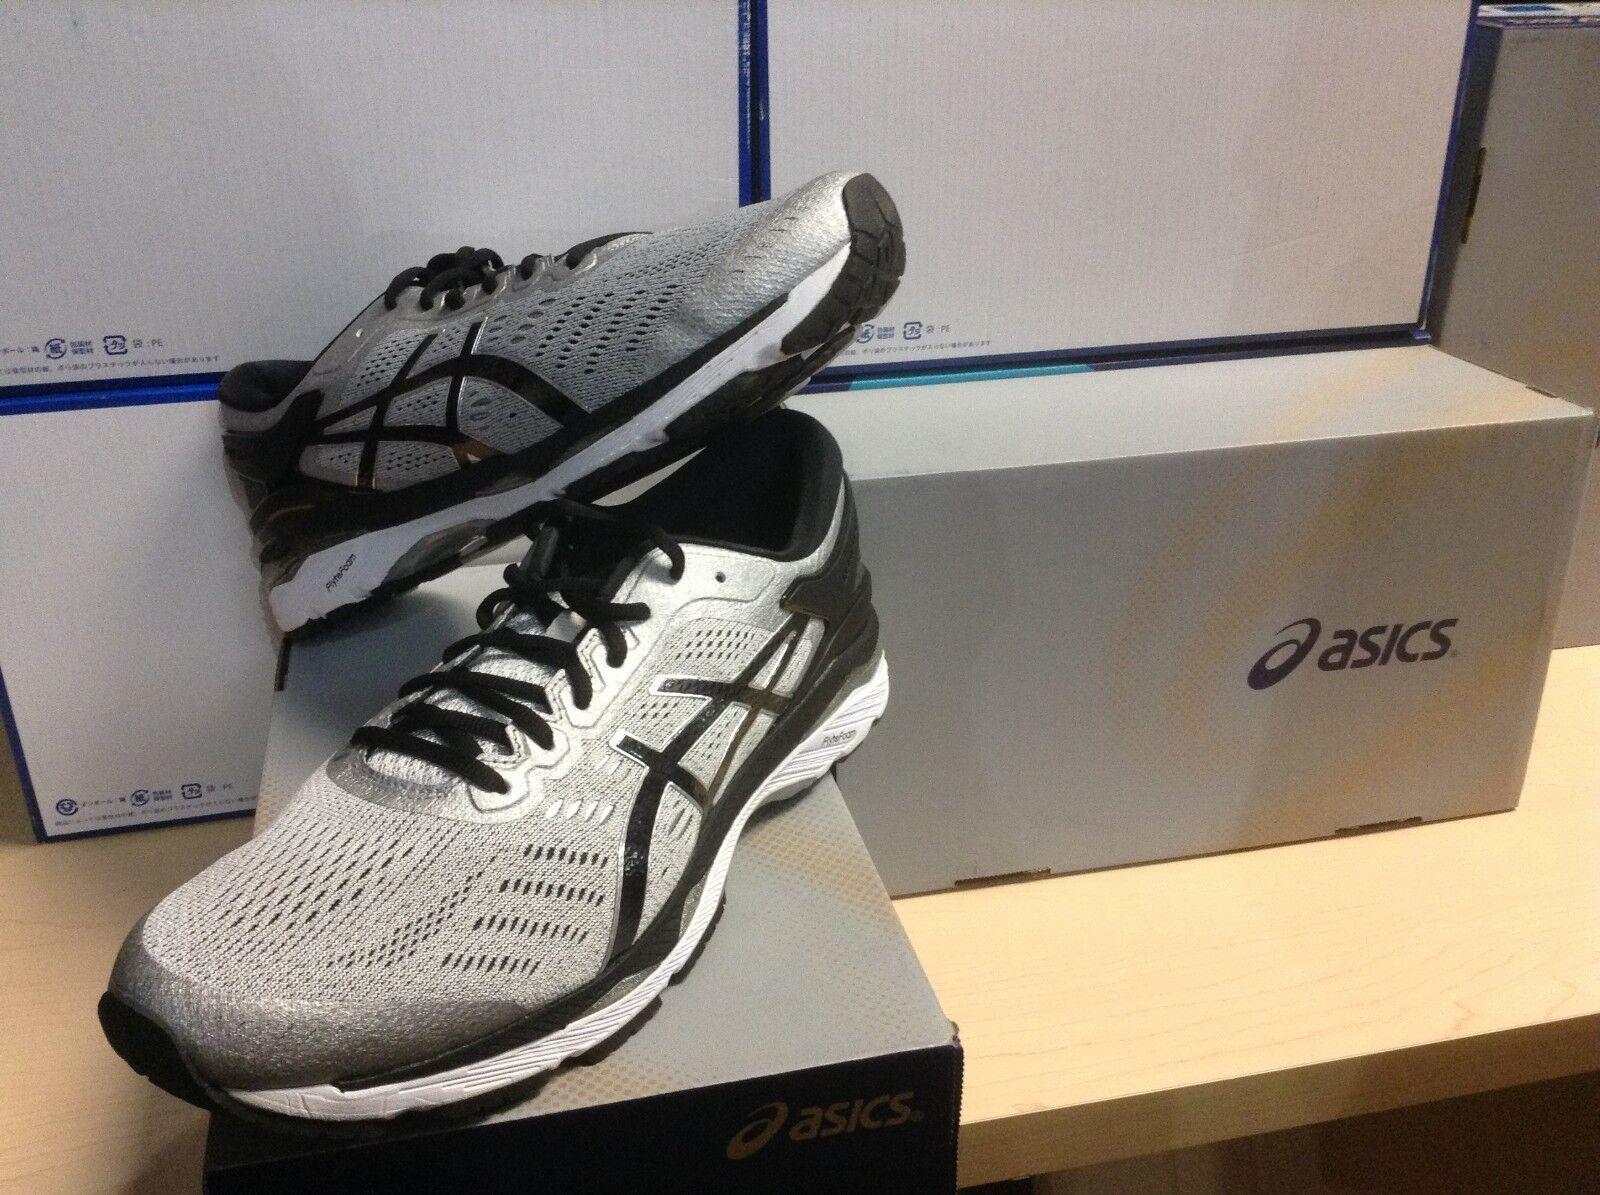 Para (T7A0N-9390) Hombre Zapatos Asics-Gel-Kayano 24 (2E) (T7A0N-9390) Para - % De Descuento dc36e1